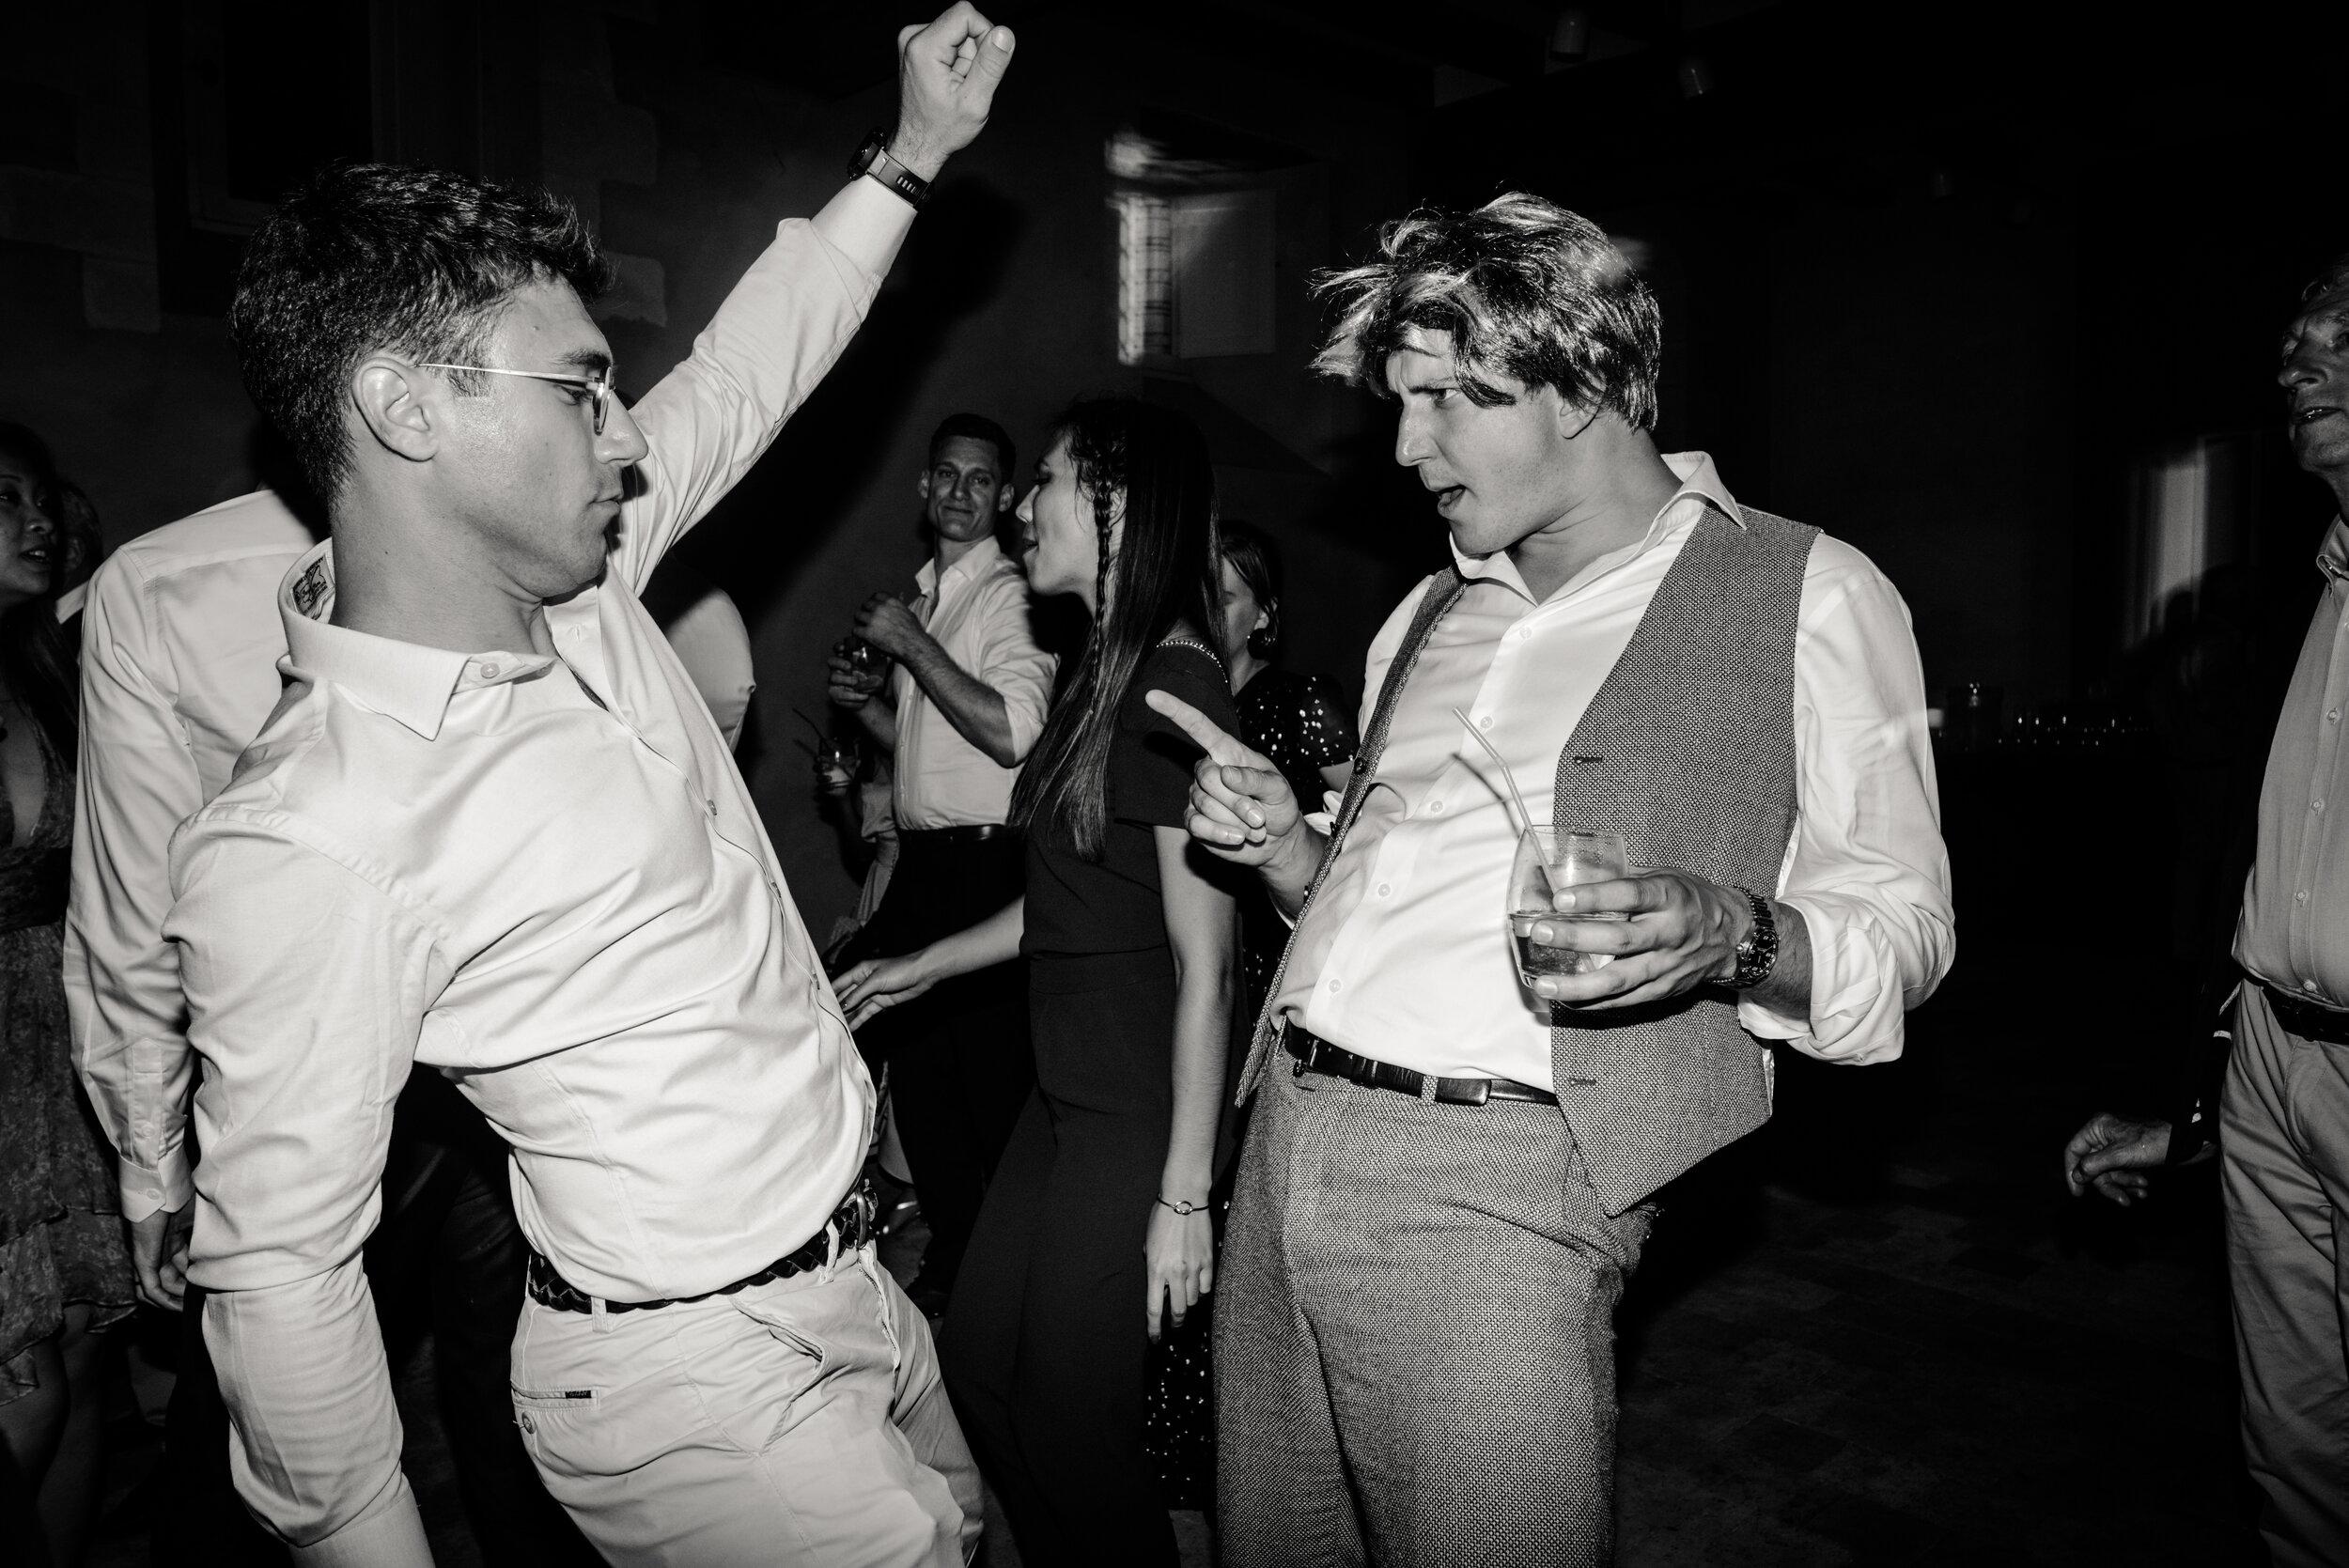 Léa-Fery-photographe-professionnel-Bretagne-portrait-creation-mariage-evenement-evenementiel-famille-4345.jpg